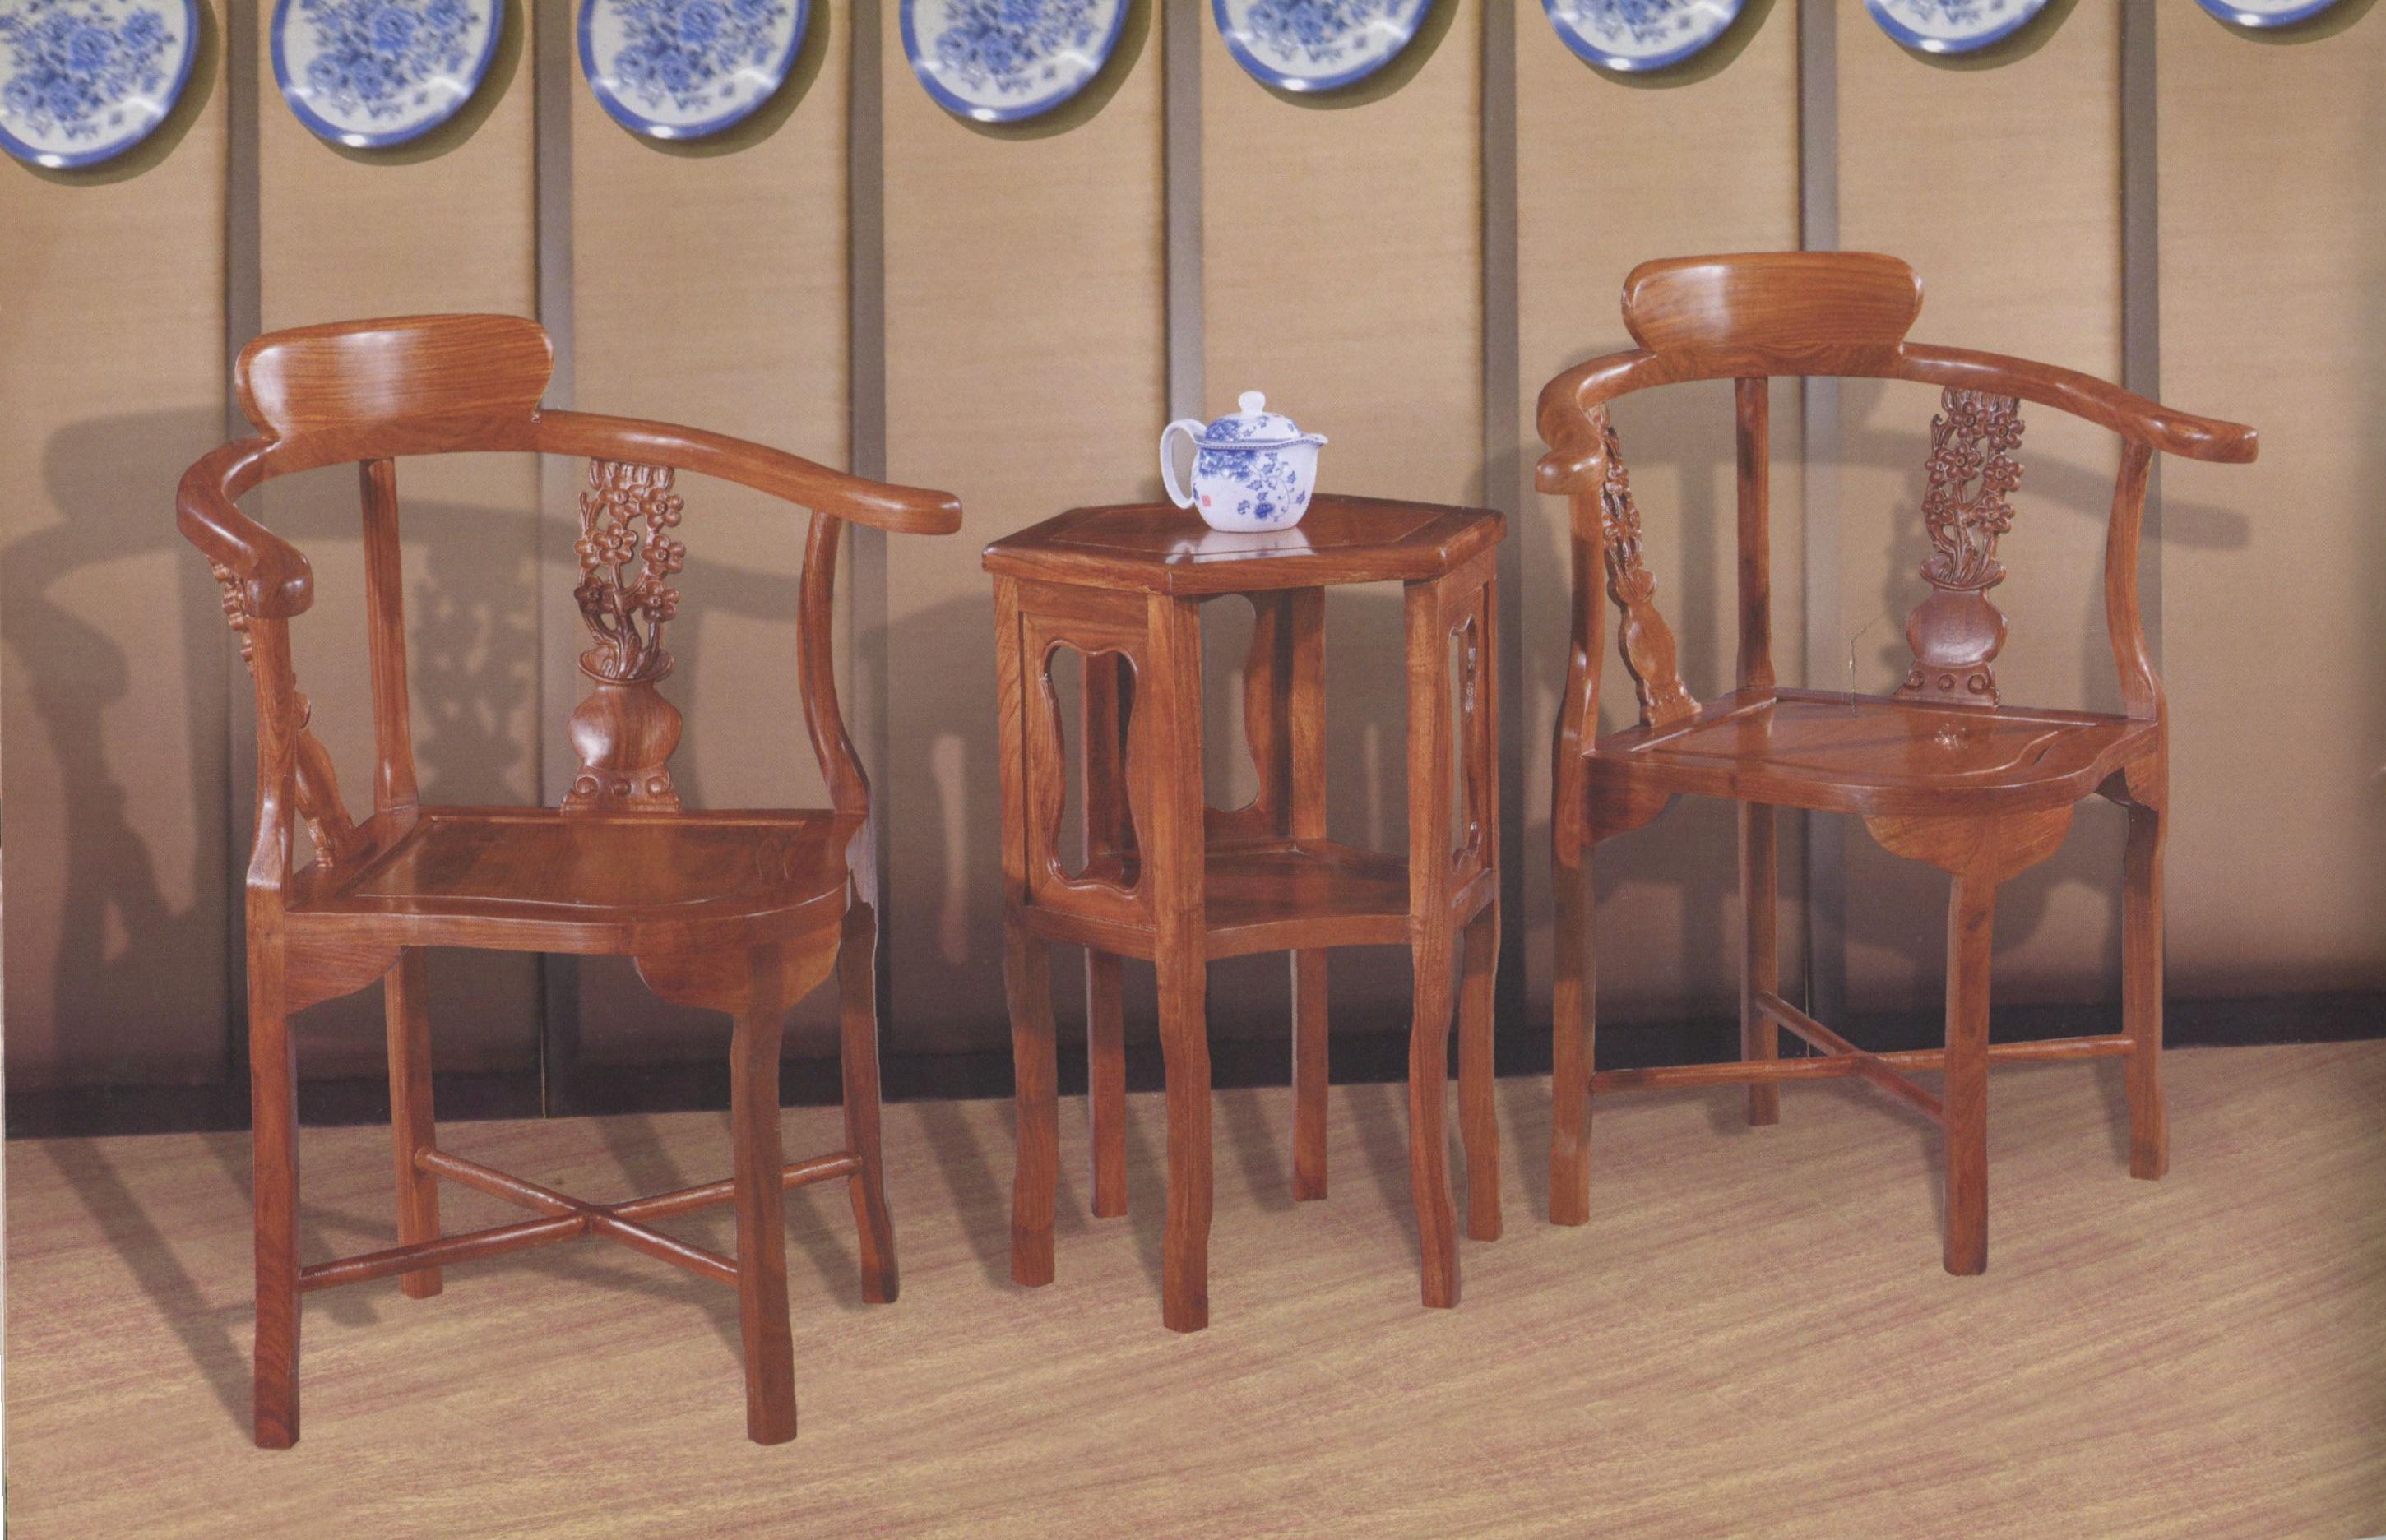 907情侶椅三件套情侶六角几情侶三角椅-1.jpg